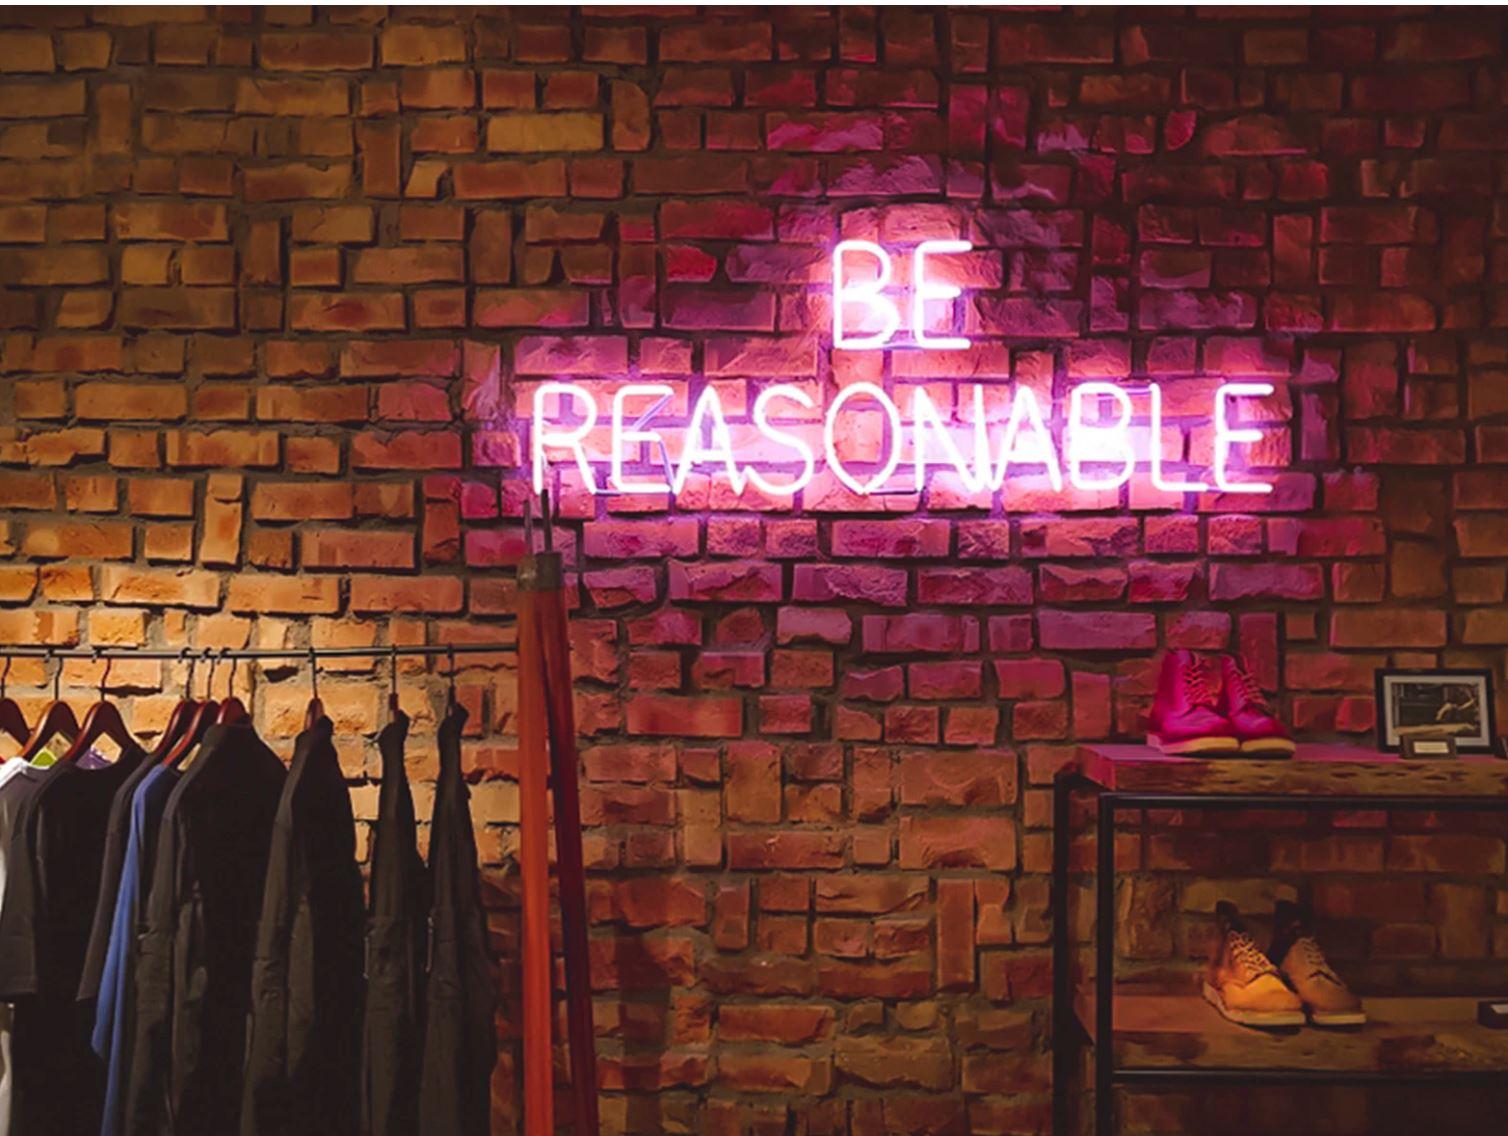 consumo sostenibile: moda